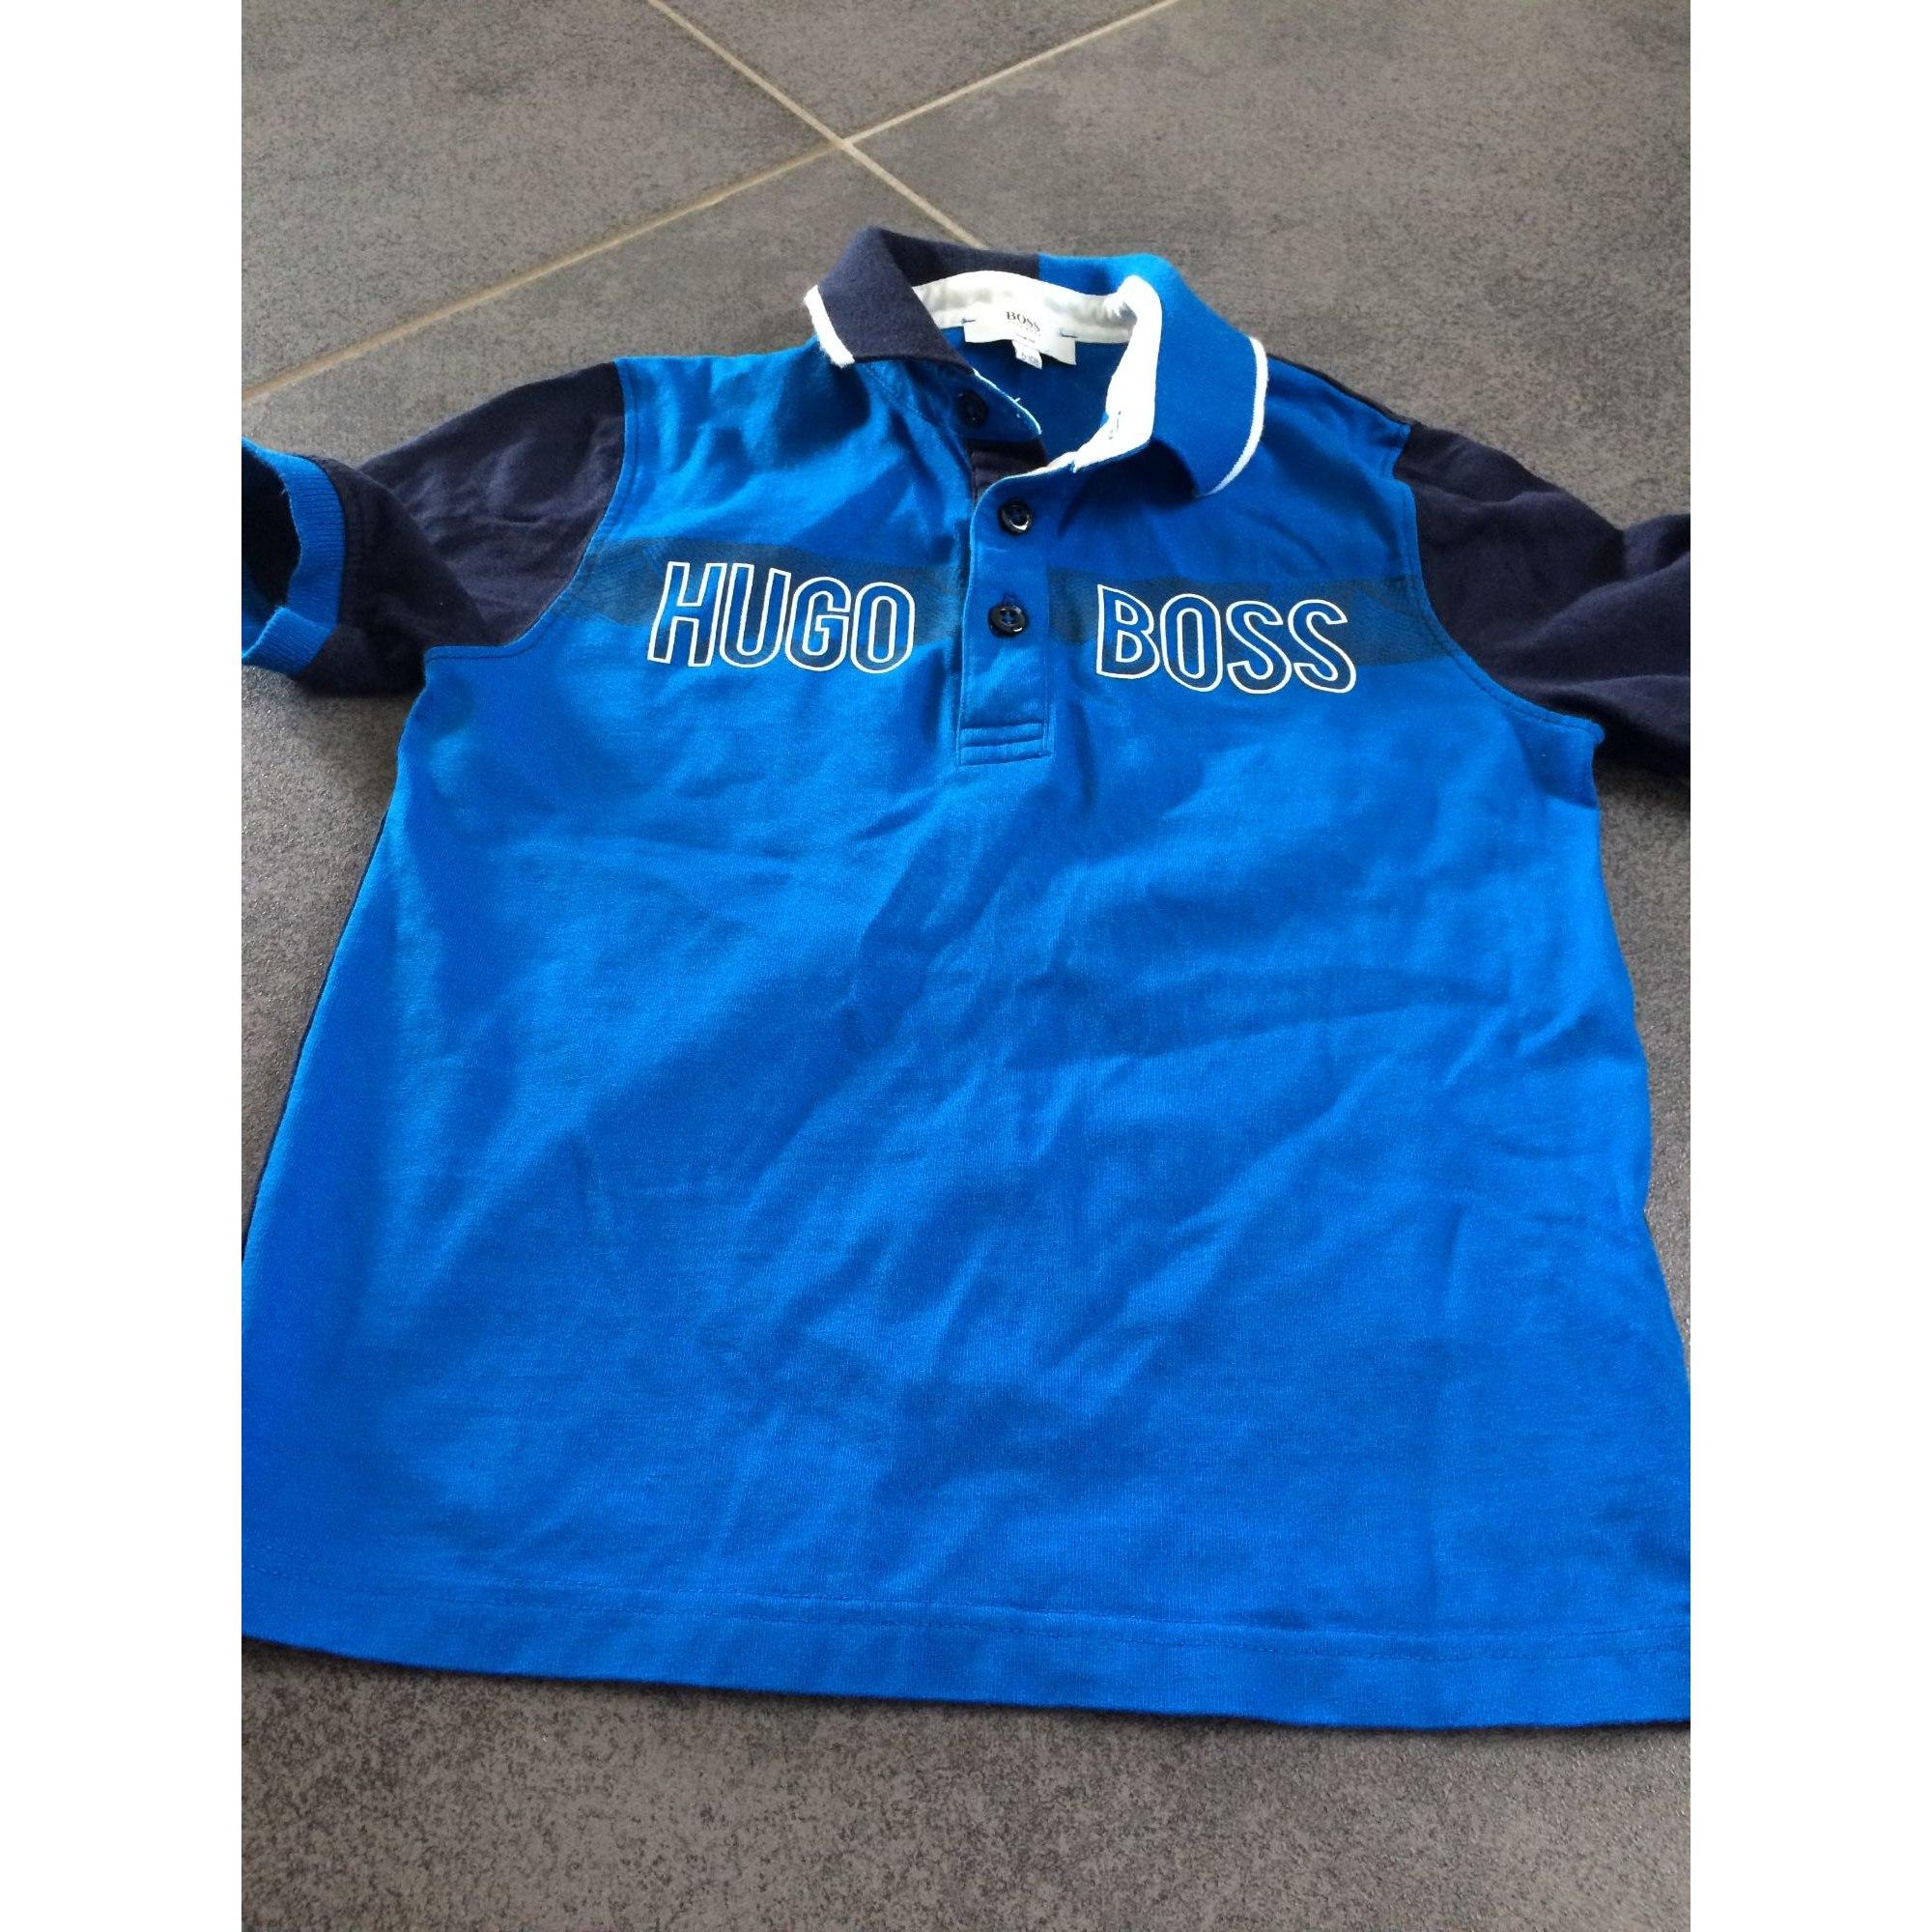 Polo HUGO BOSS Bleu, bleu marine, bleu turquoise